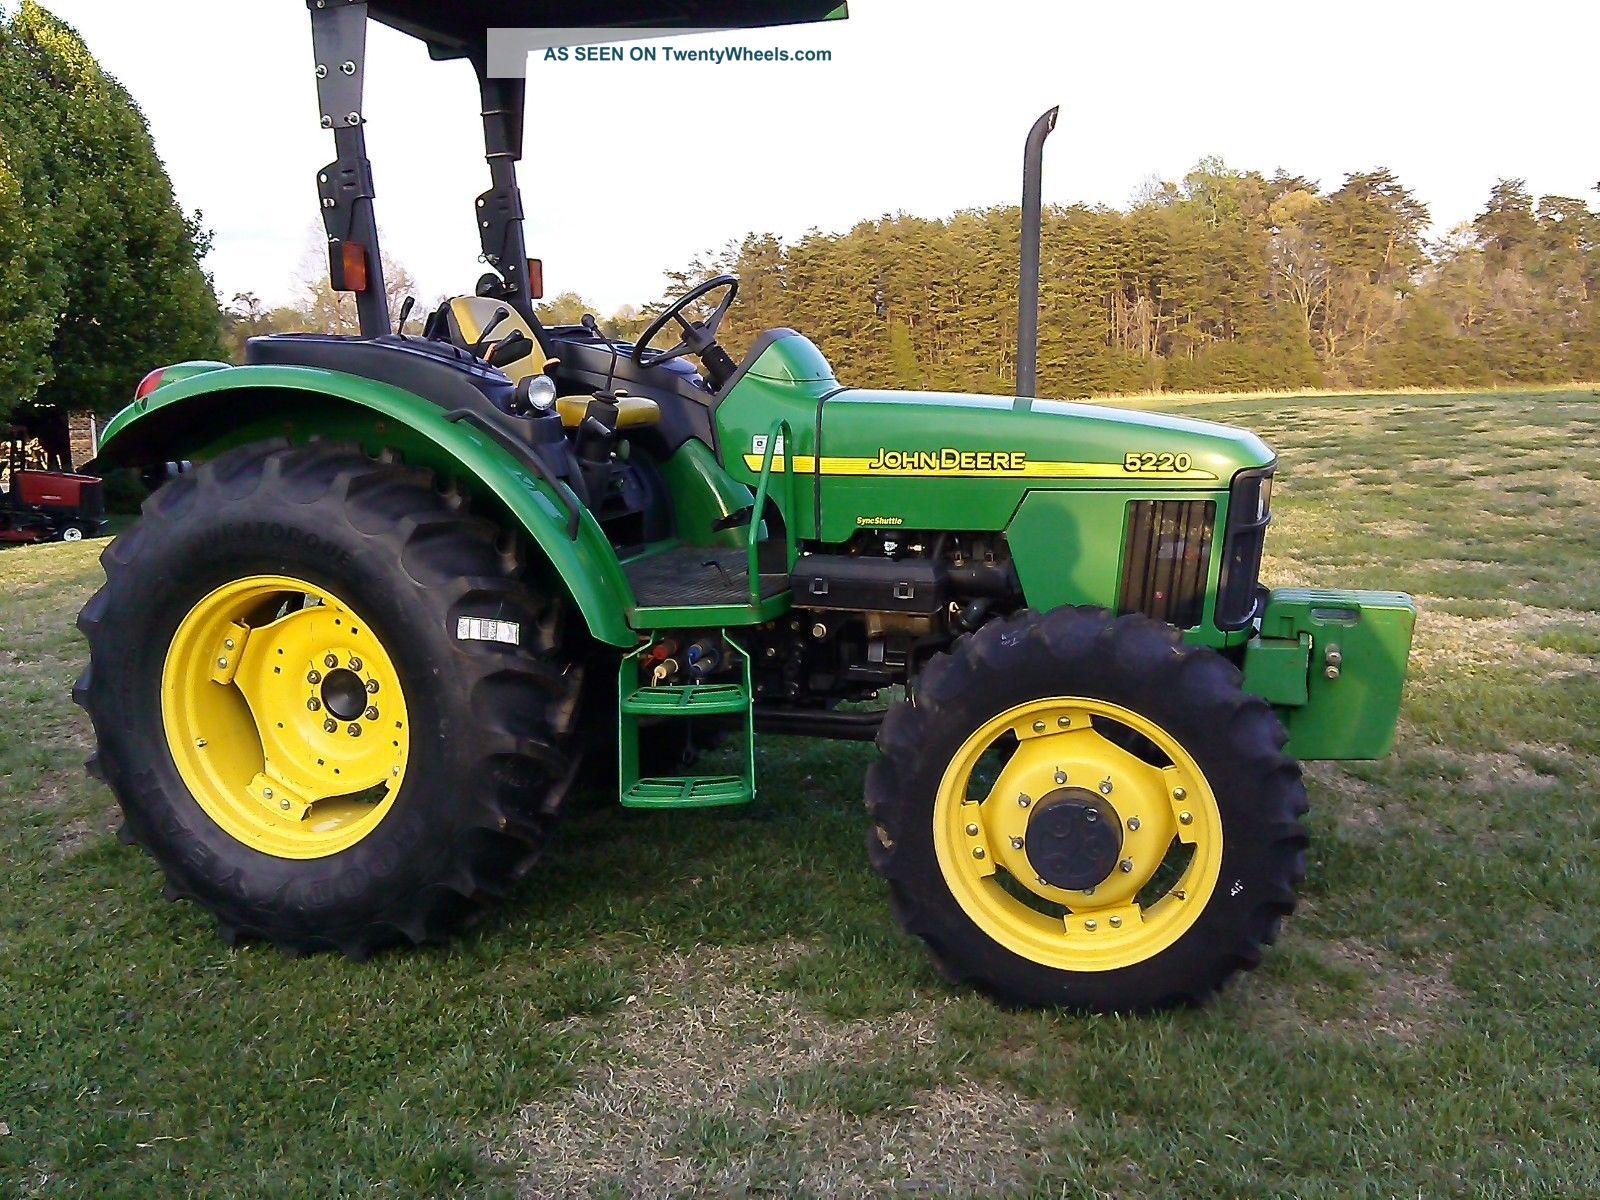 john_deere_5220_4x4_tractor_1_lgw.jpg